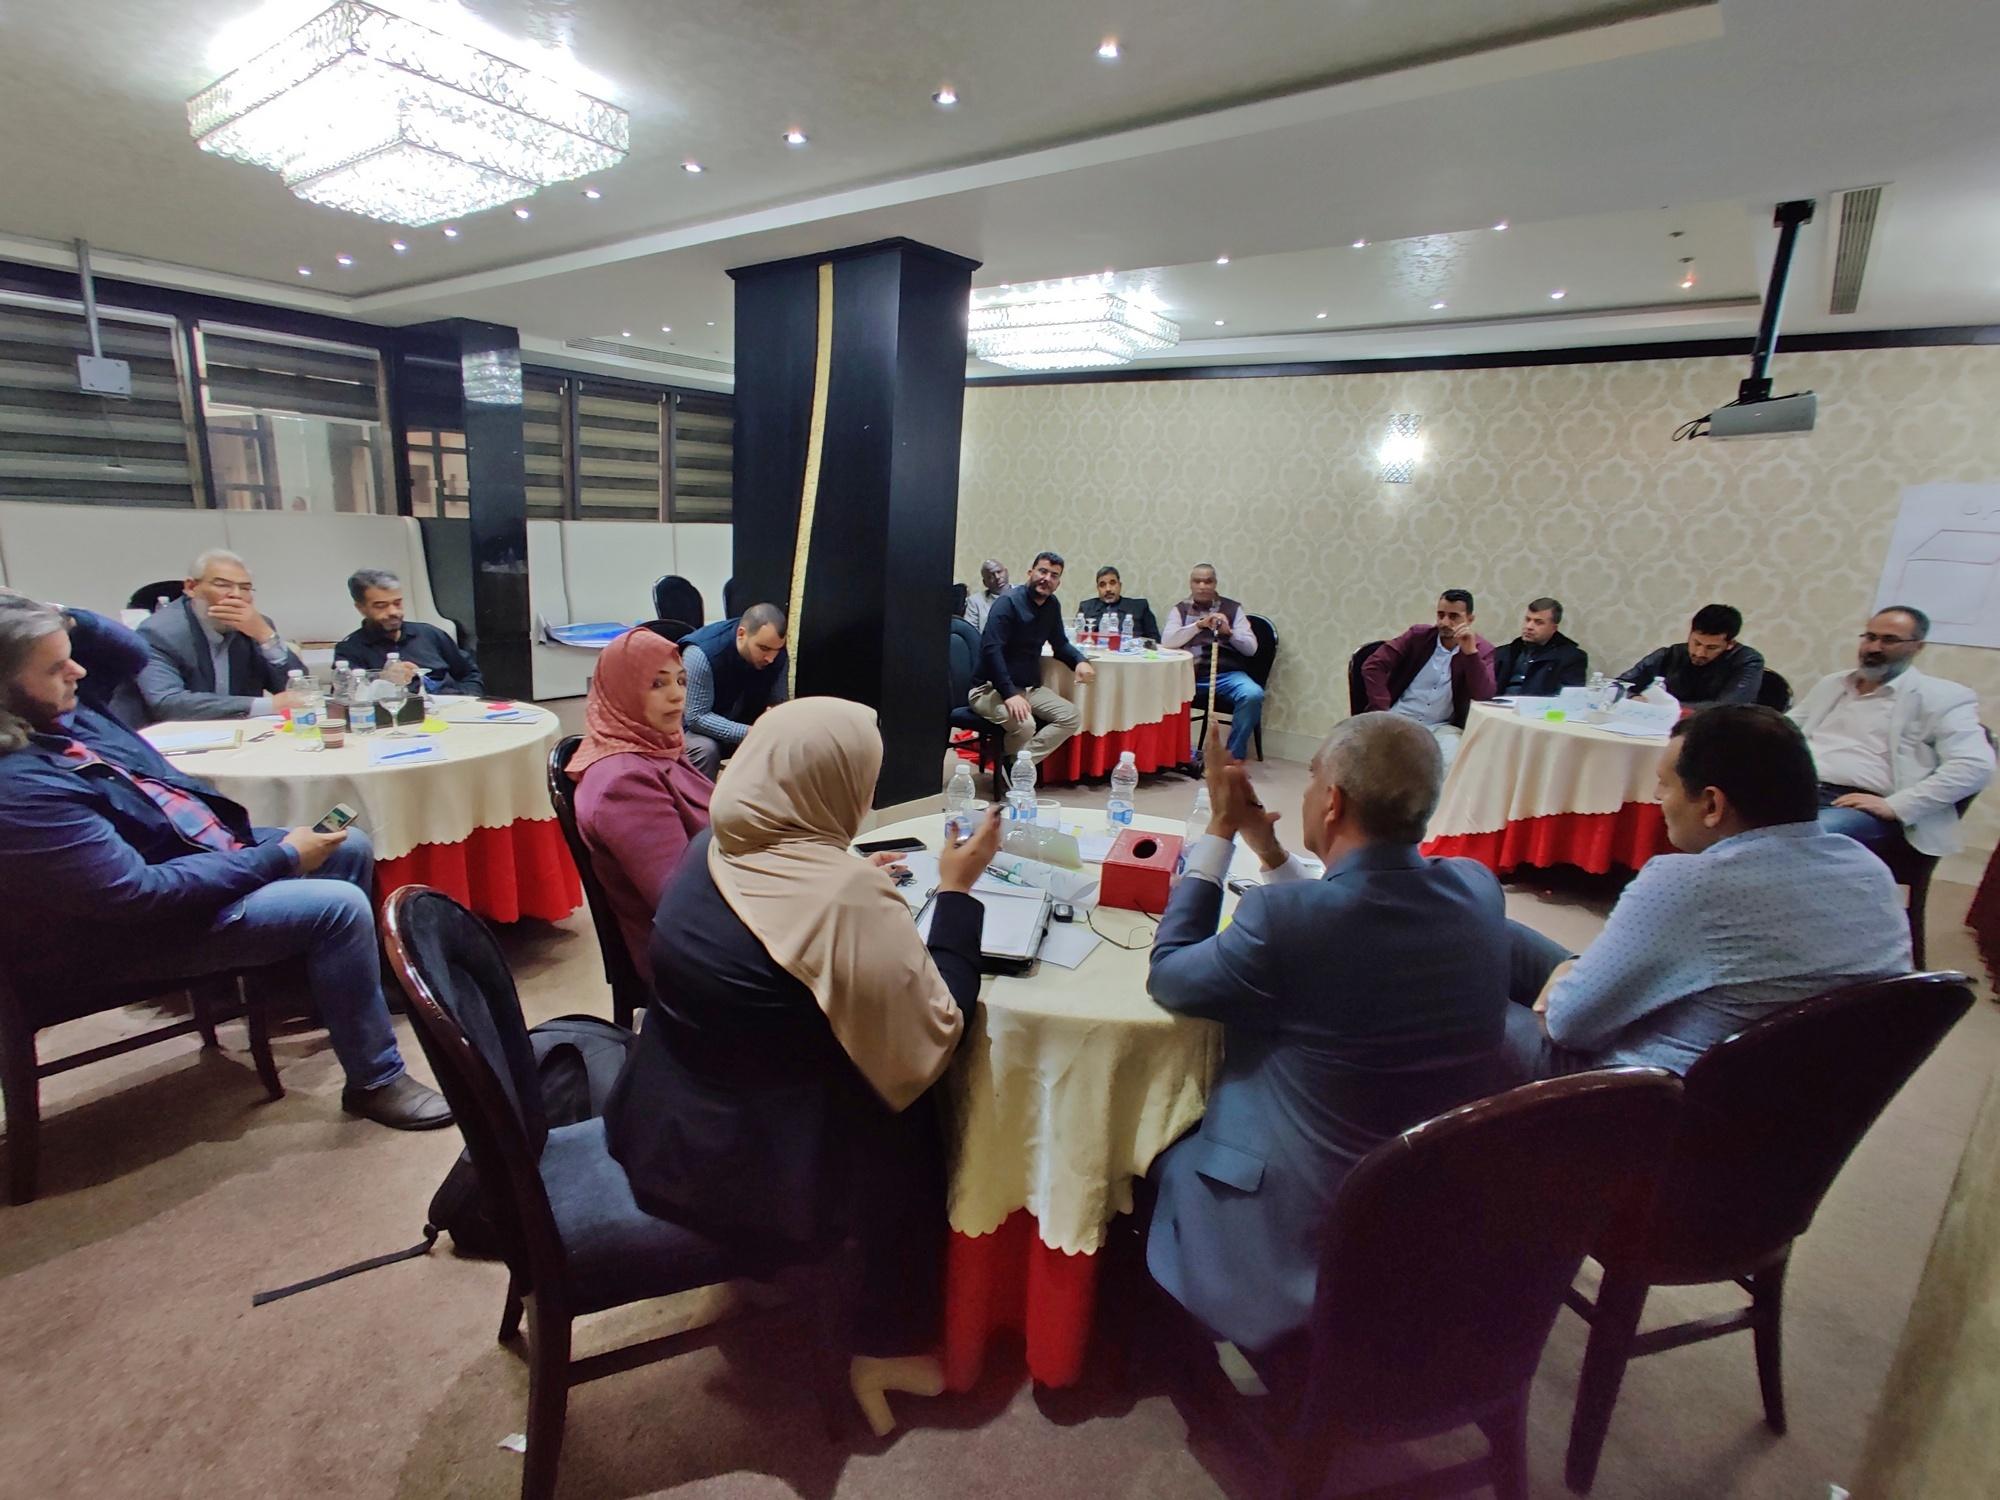 التوعية الانتخابية محور اجتماع منسقي التواصل بمكاتب الإدارة الانتخابية